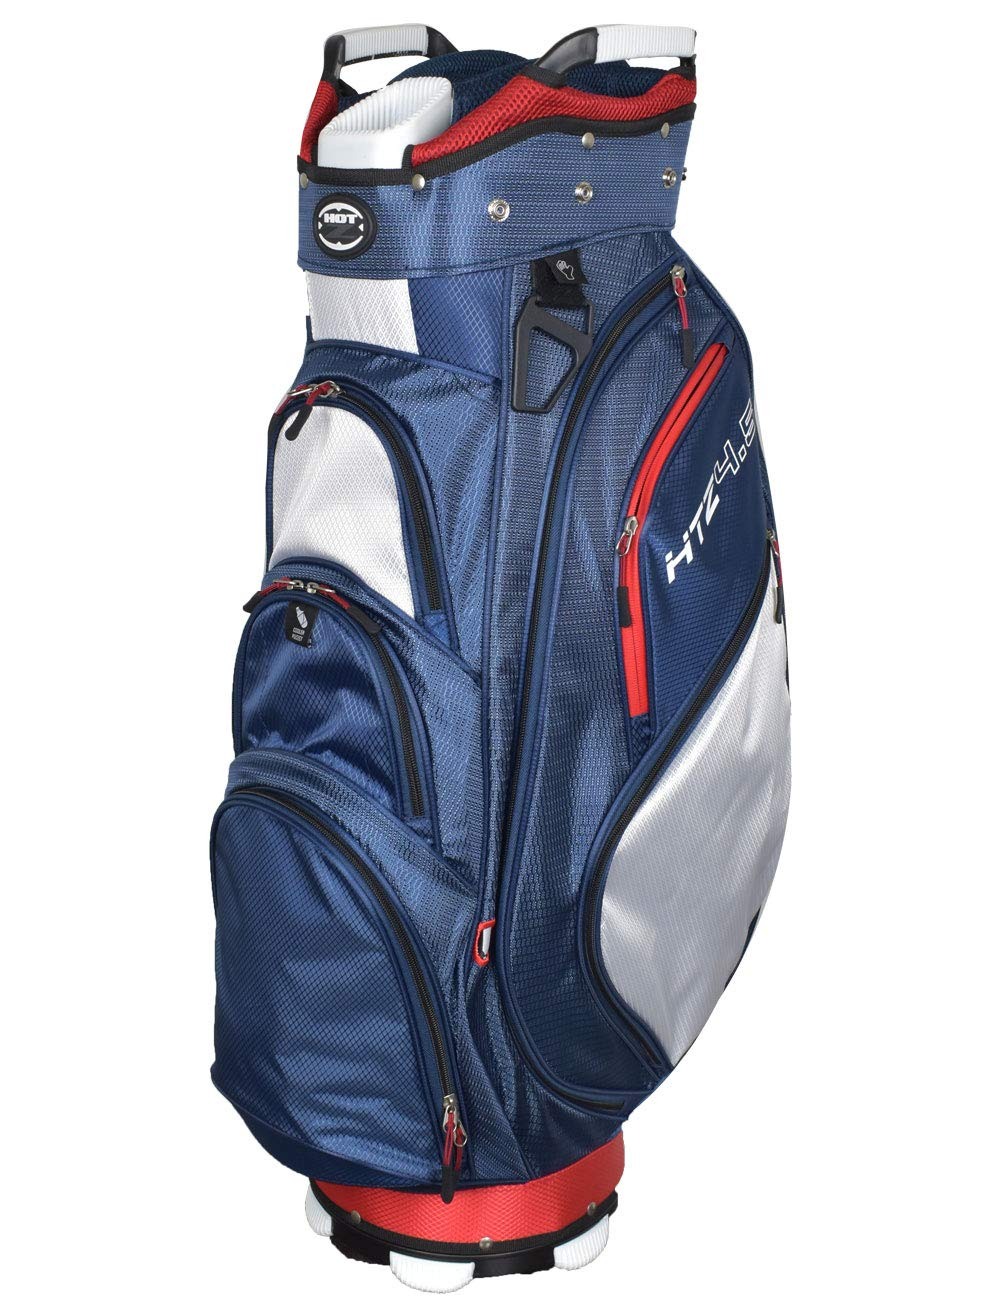 Hot-Z Golf 4.5 Cart Bag by Hot-Z Golf